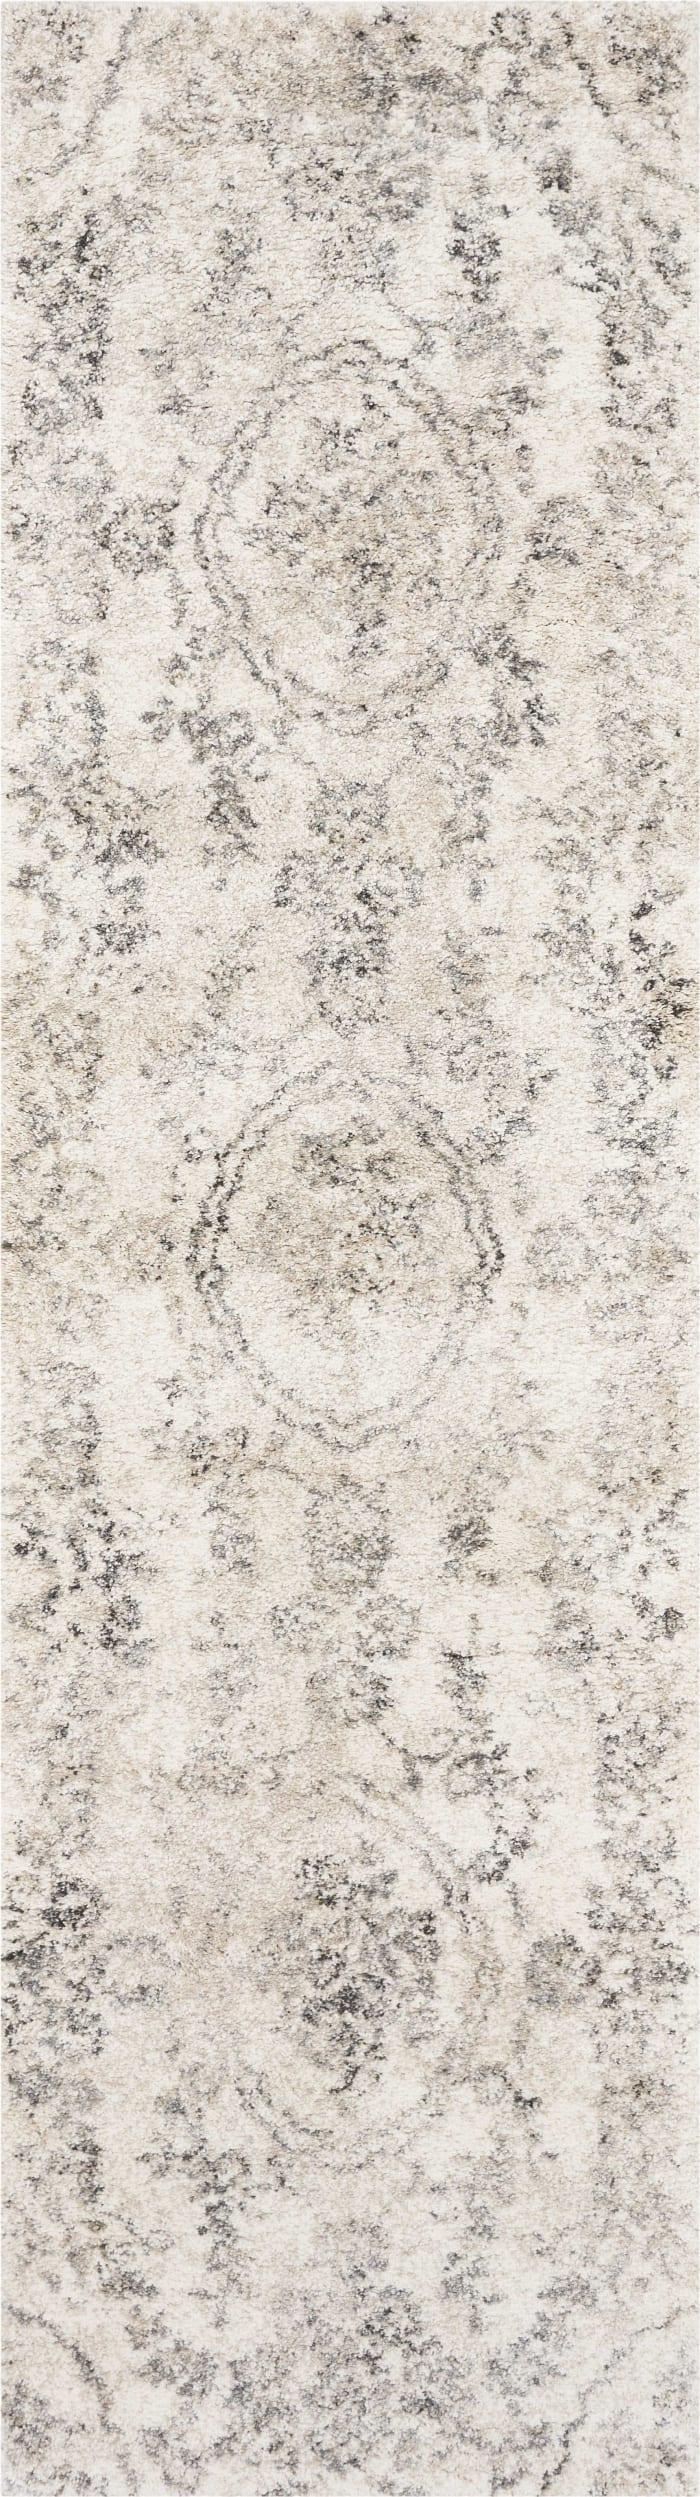 Light Grey Floral Area Rug